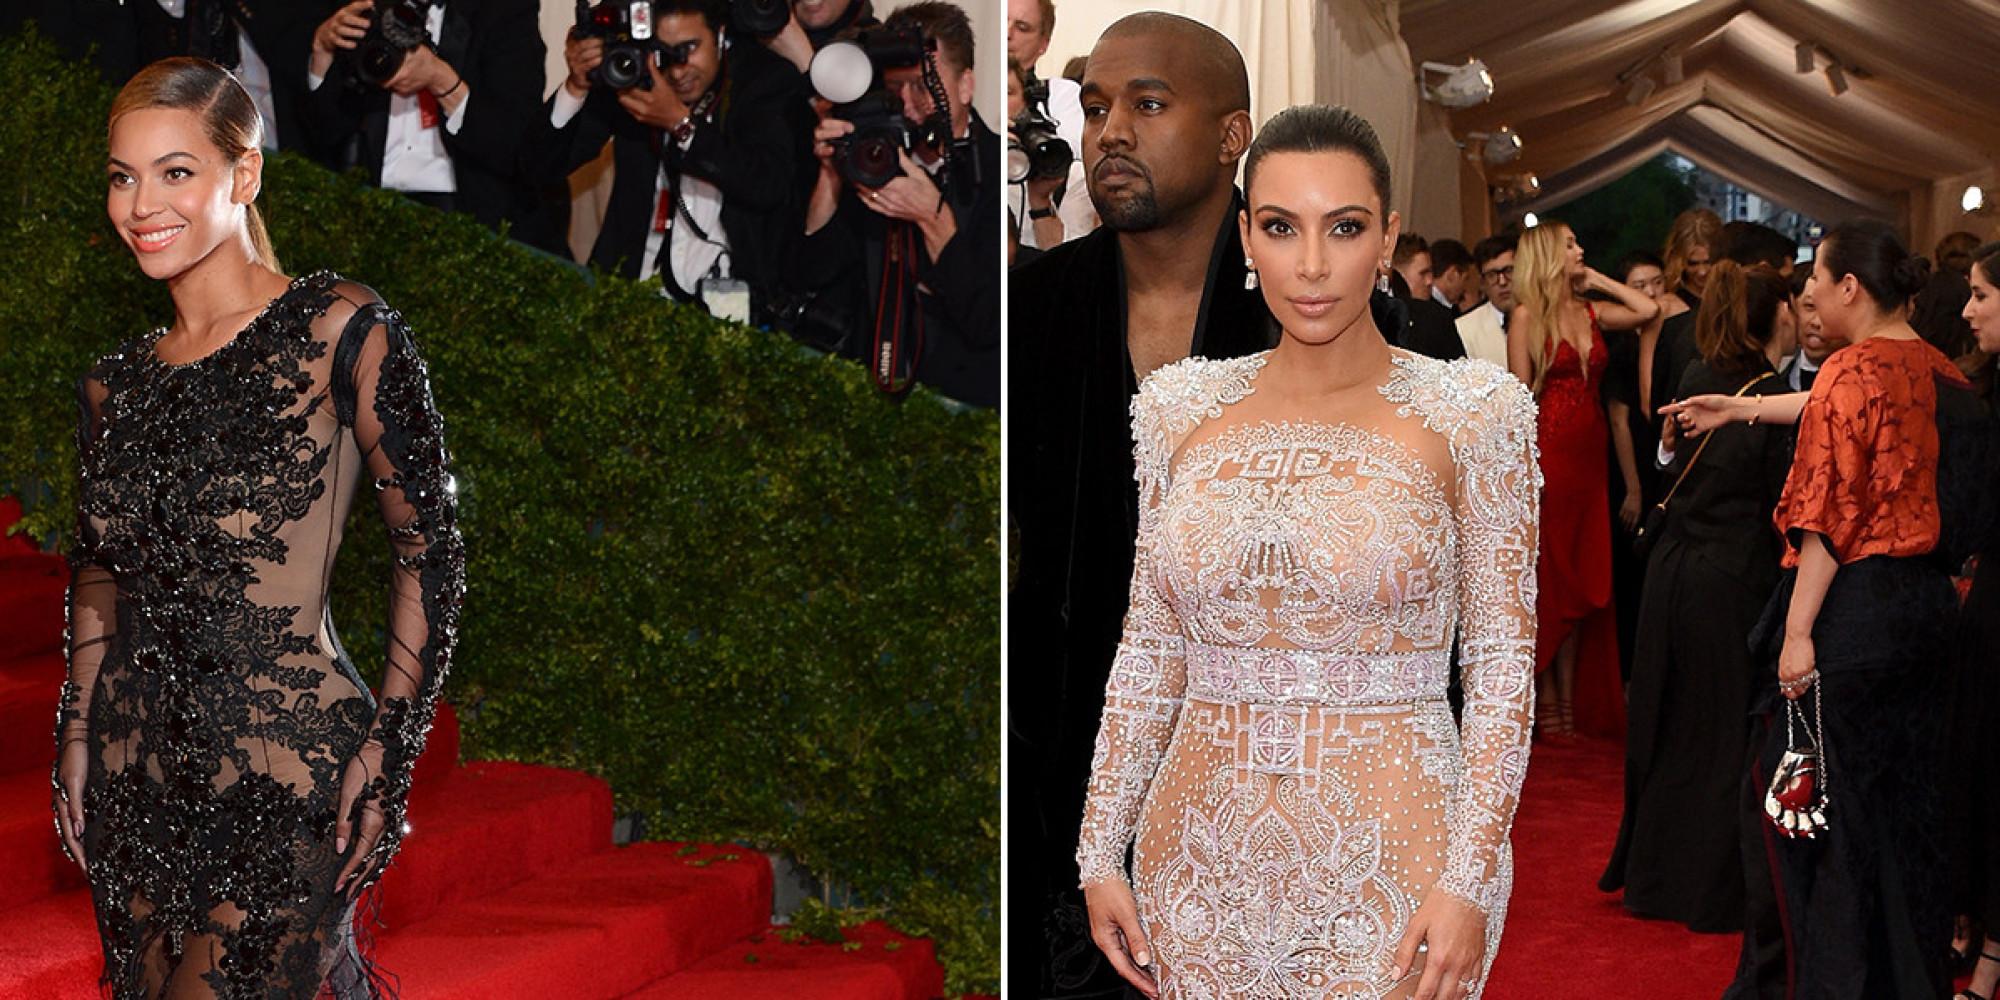 Kim Kardashians Met Gala 2015 Dress Was Very Similar To